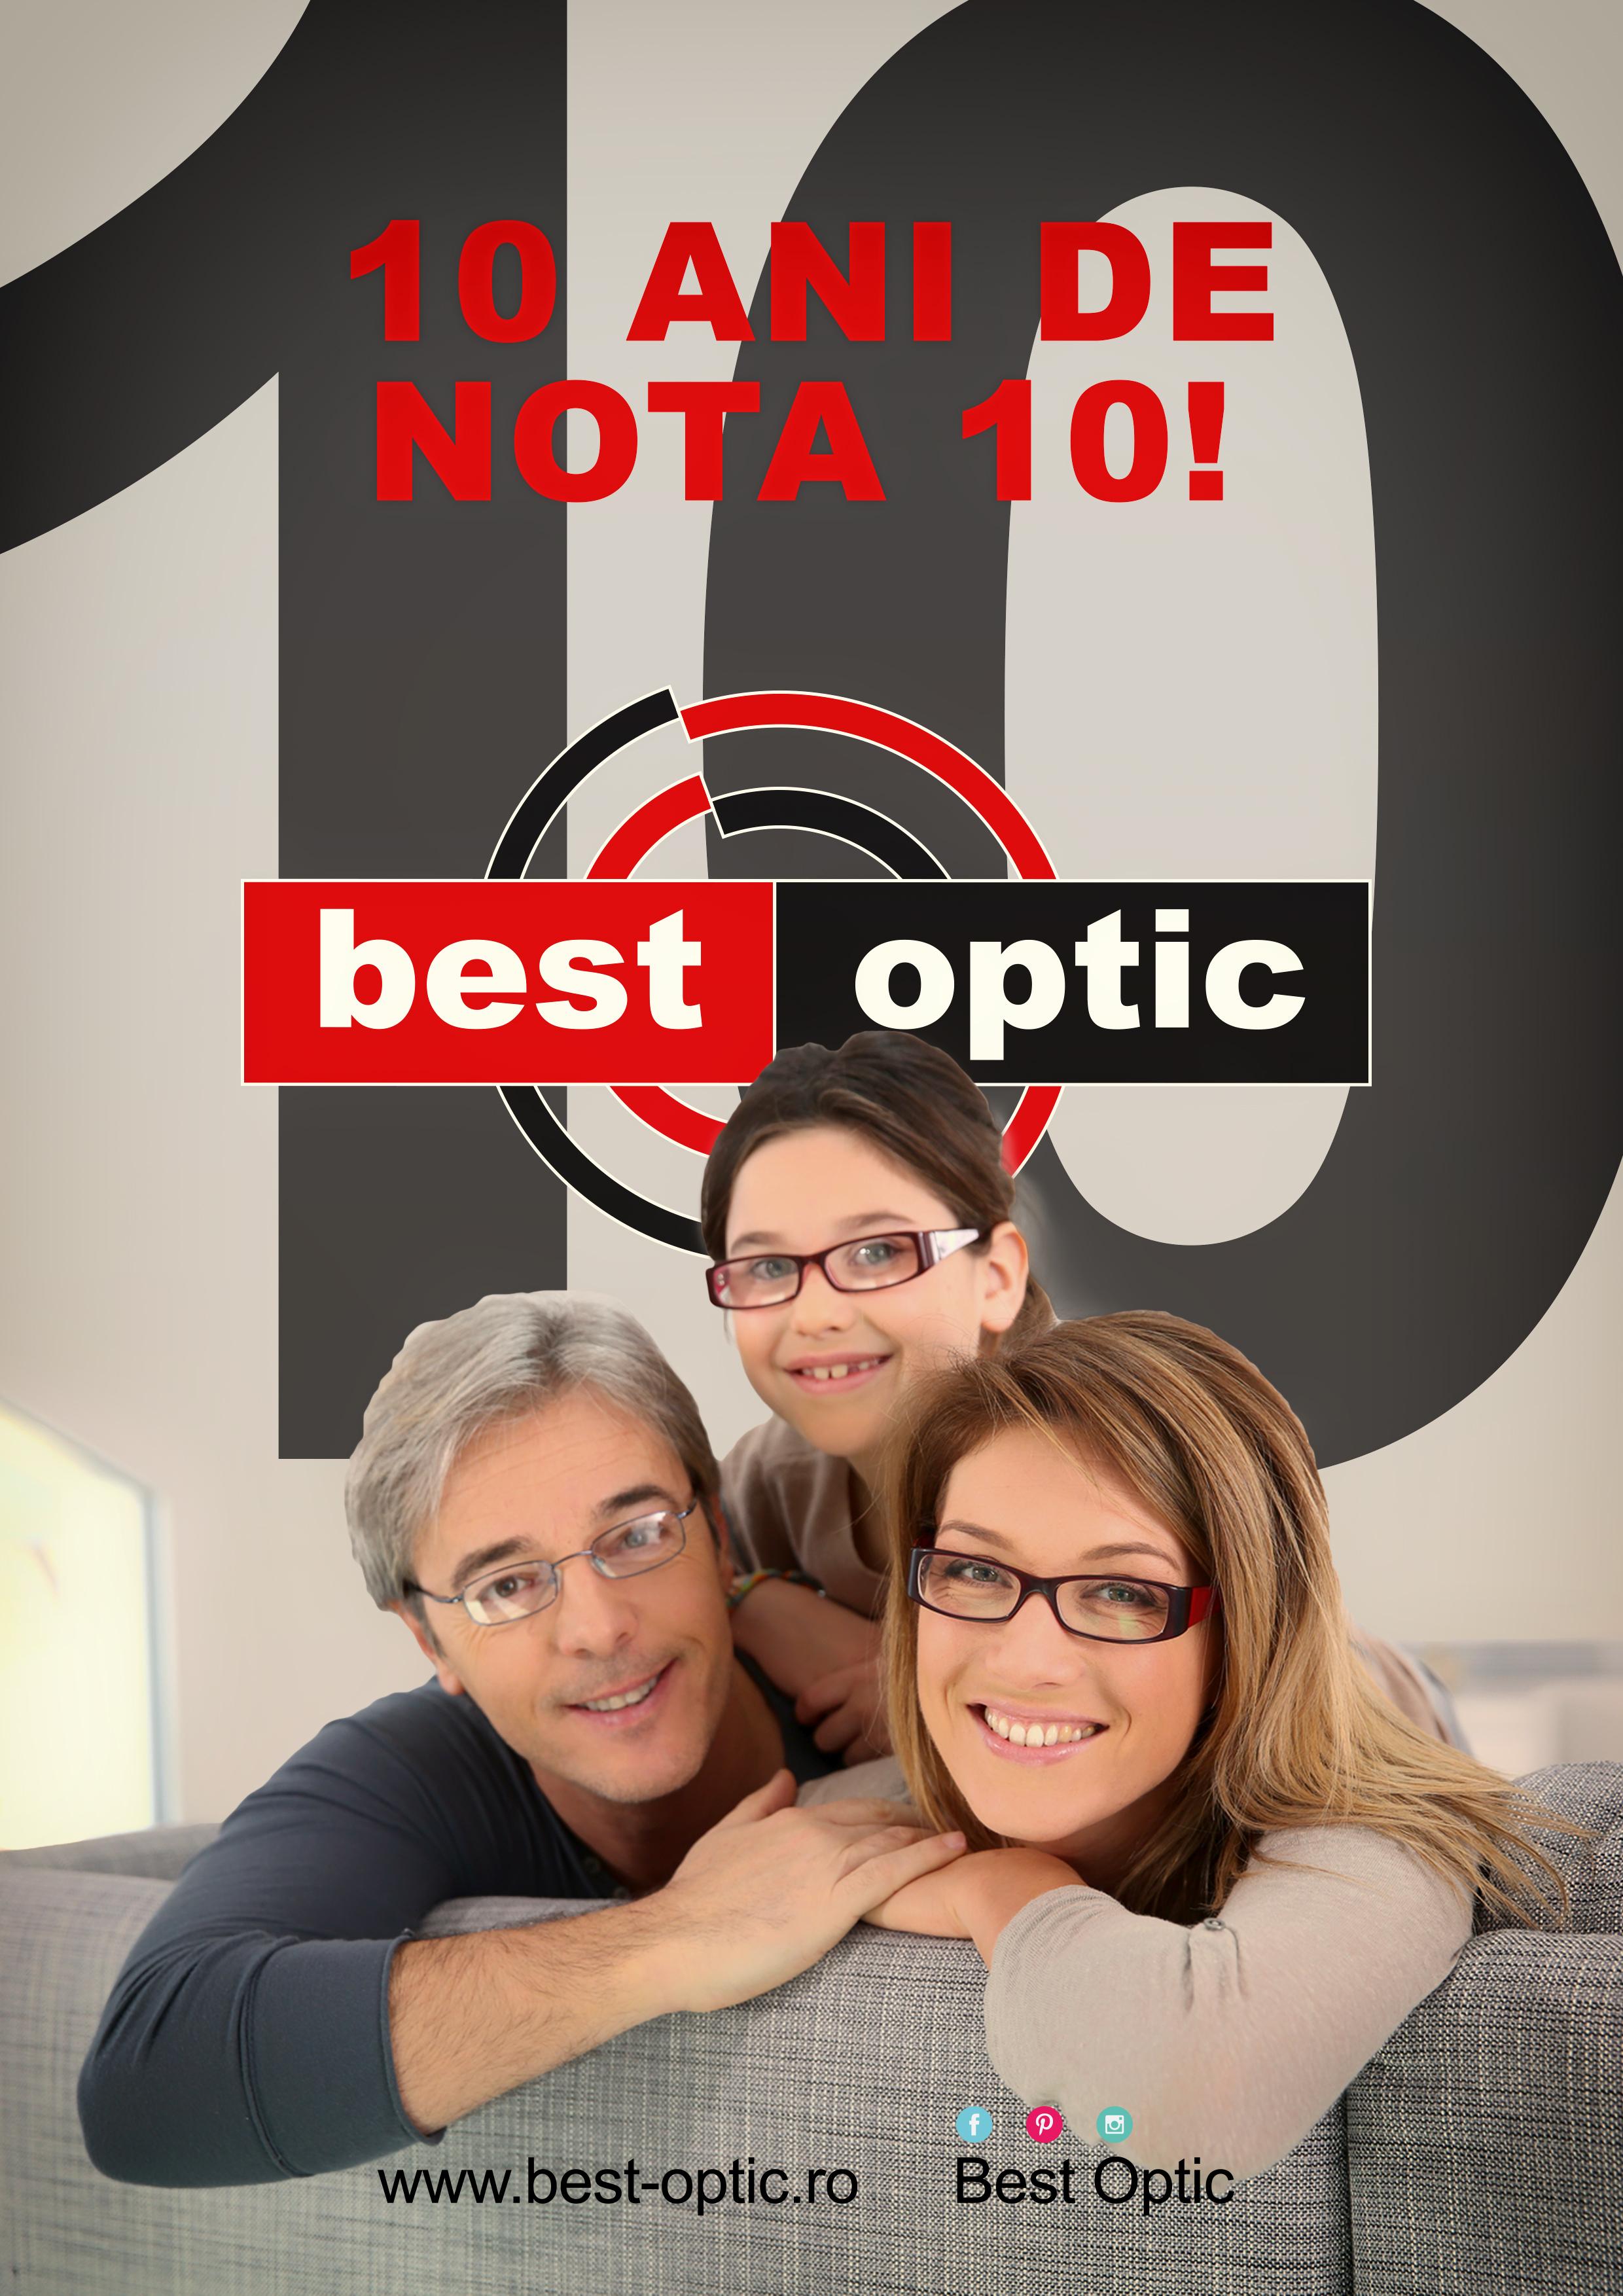 Best Optic - Brasov